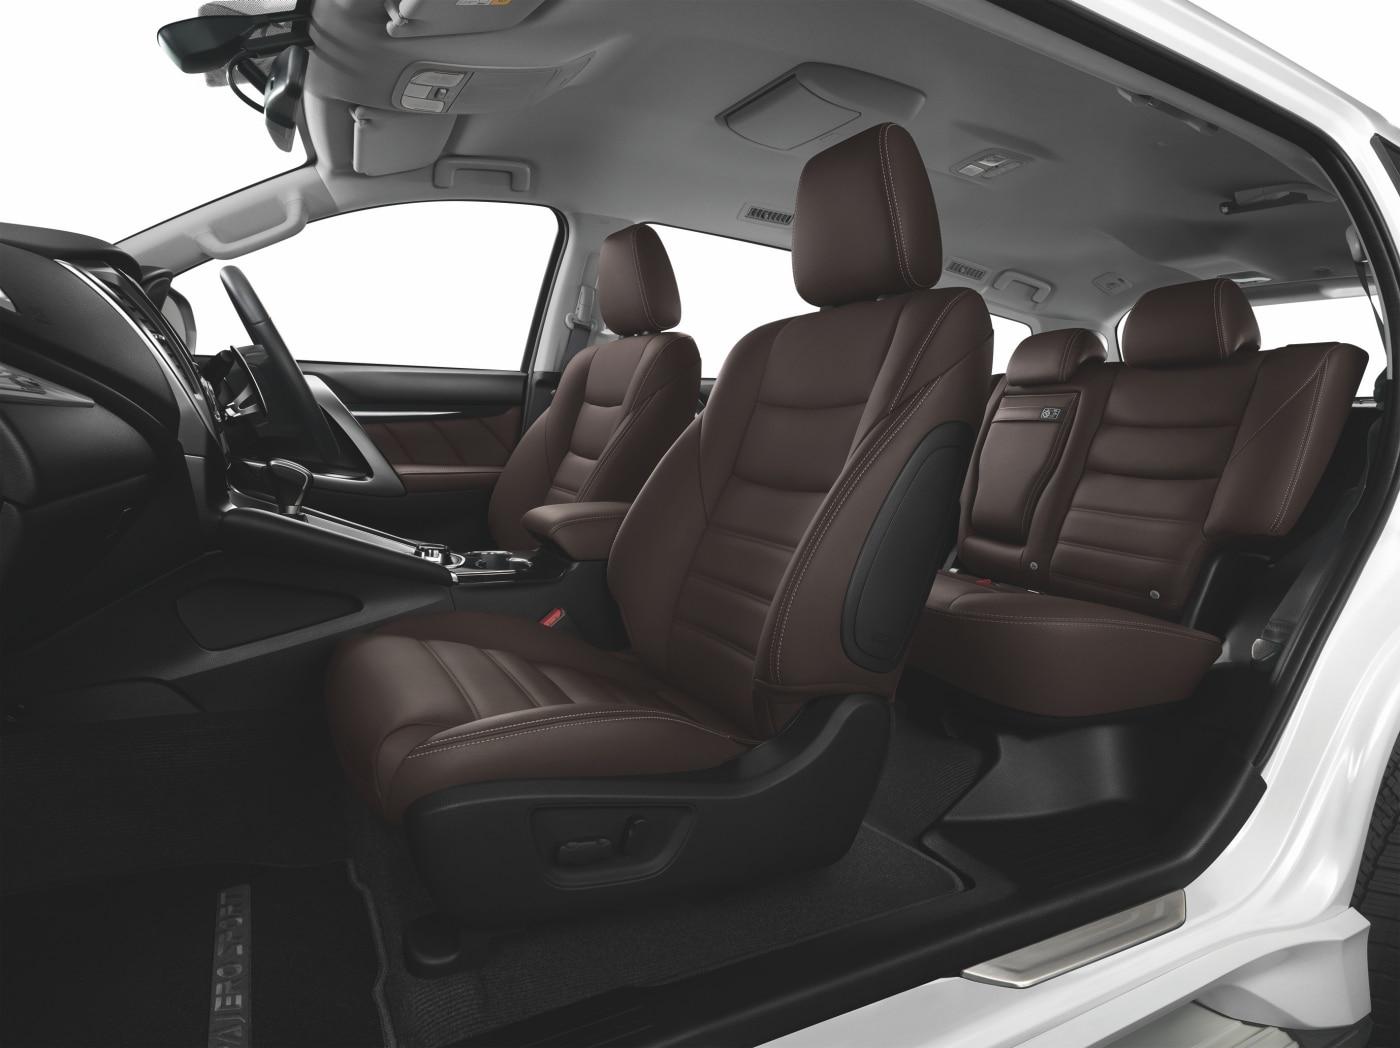 Mitsubishi Pajero Sport special edition Elite Edition 2019